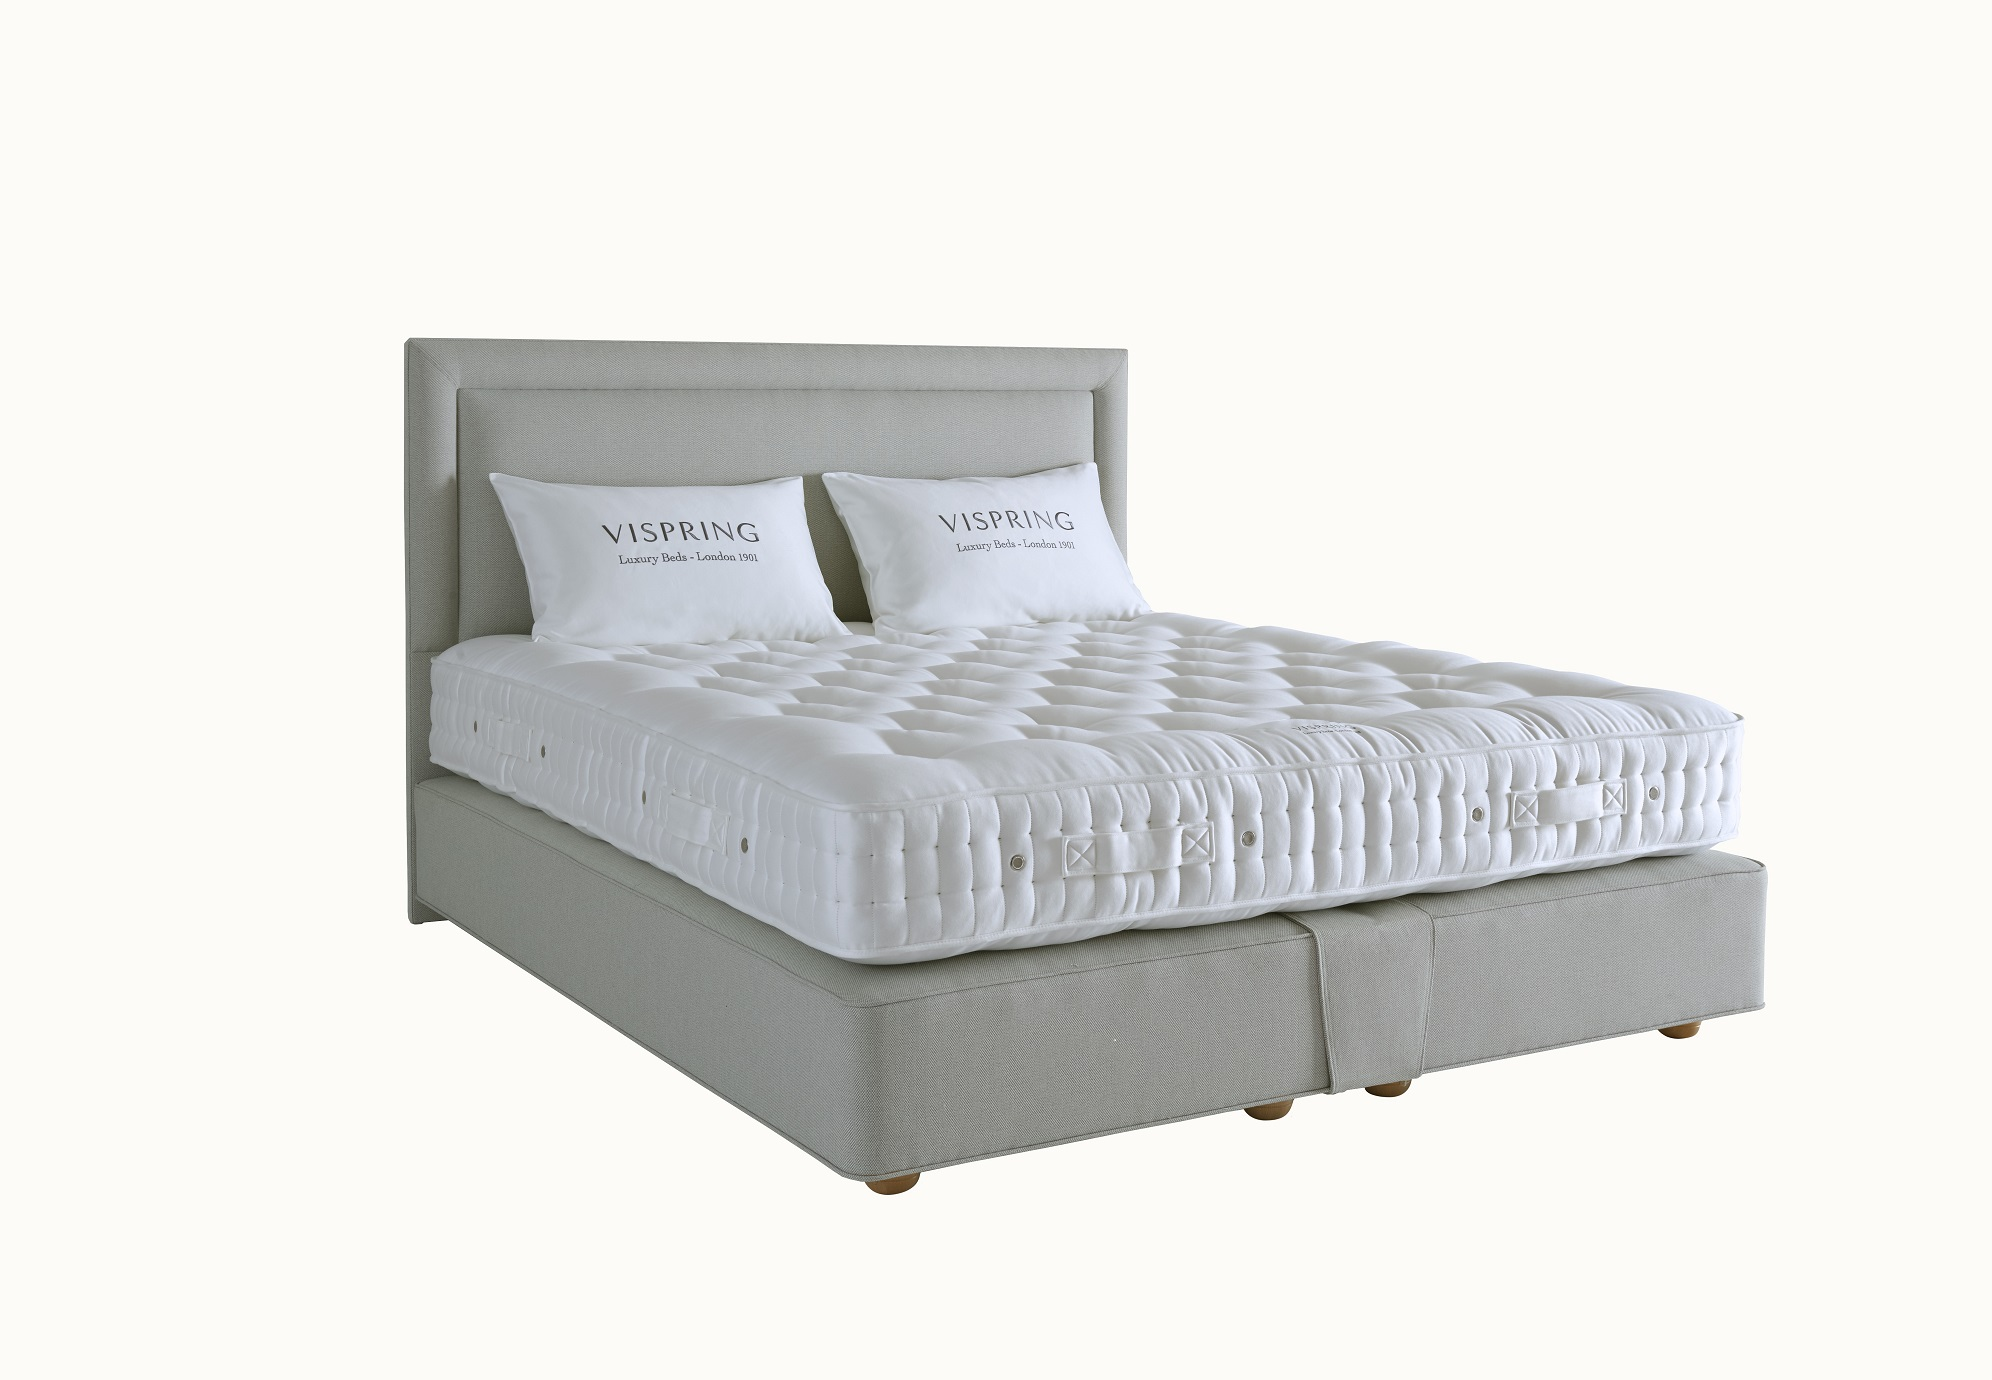 Beds vi spring baronet divan set for Divan set beds